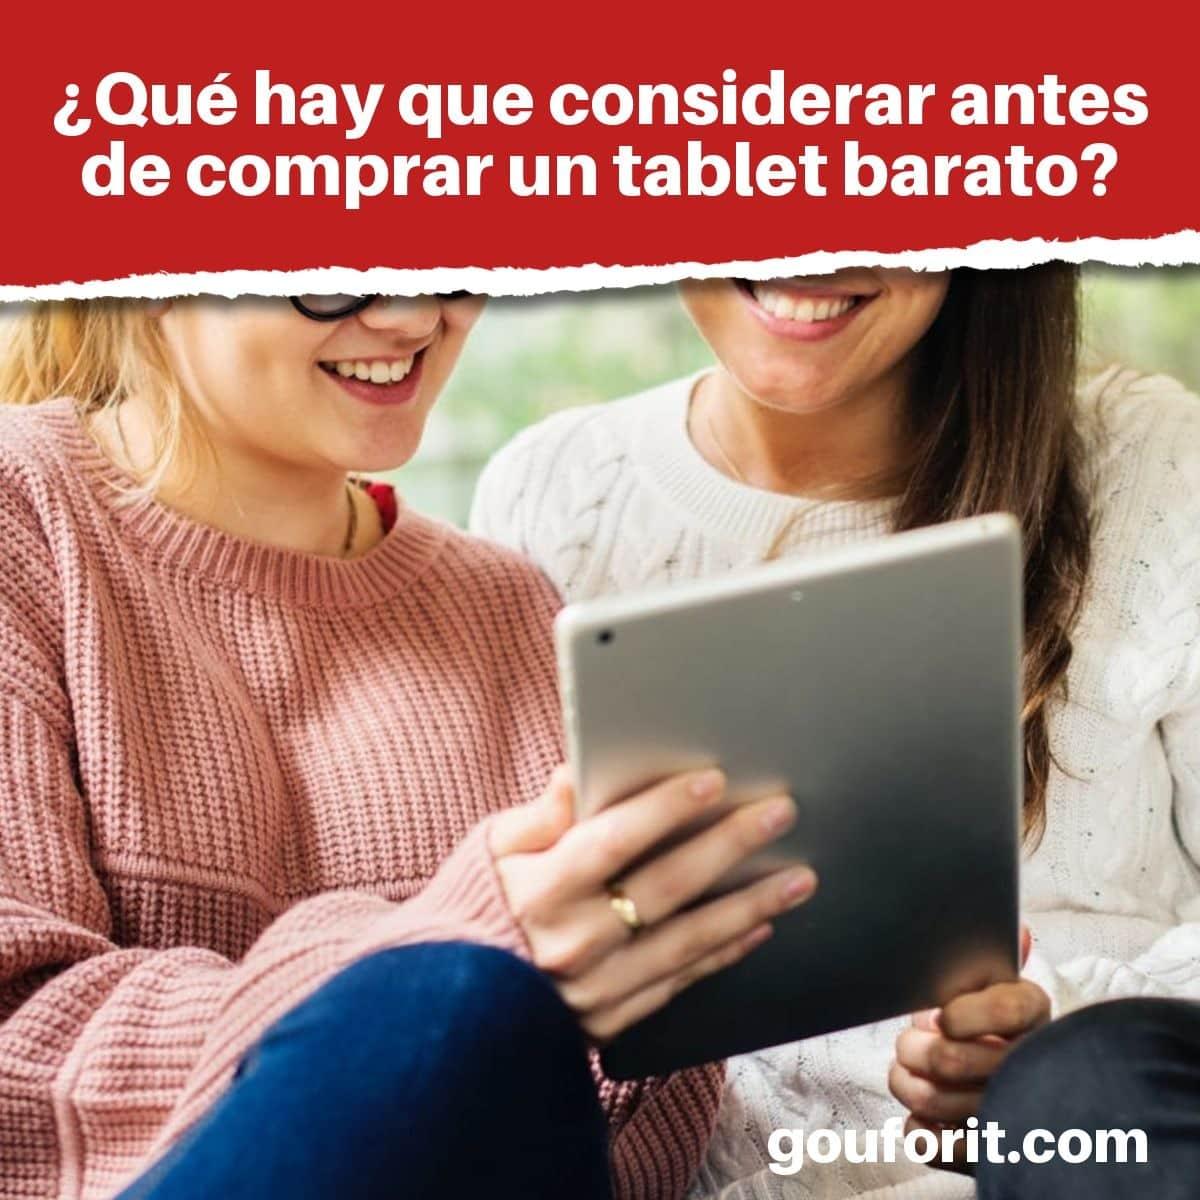 ¿Qué hay que considerar antes de comprar un tablet barato?